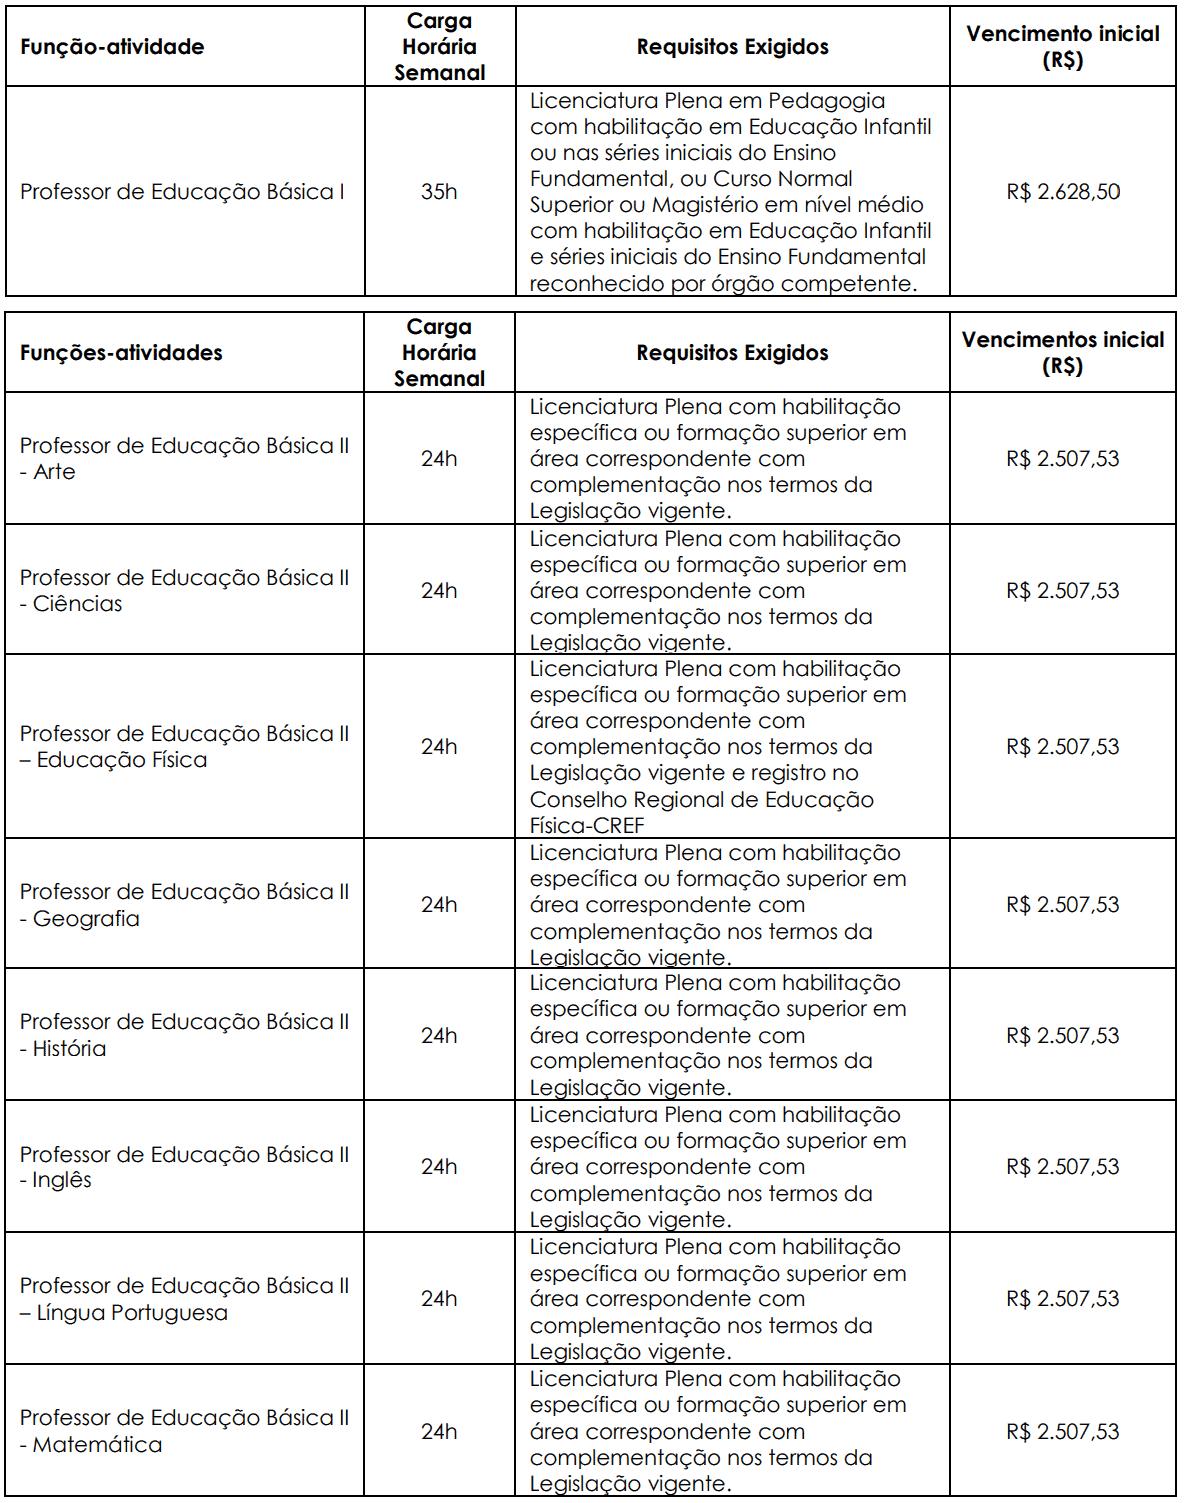 452 - Processo seletivo Prefeitura de São José do Rio Preto SP: Inscrições abertas